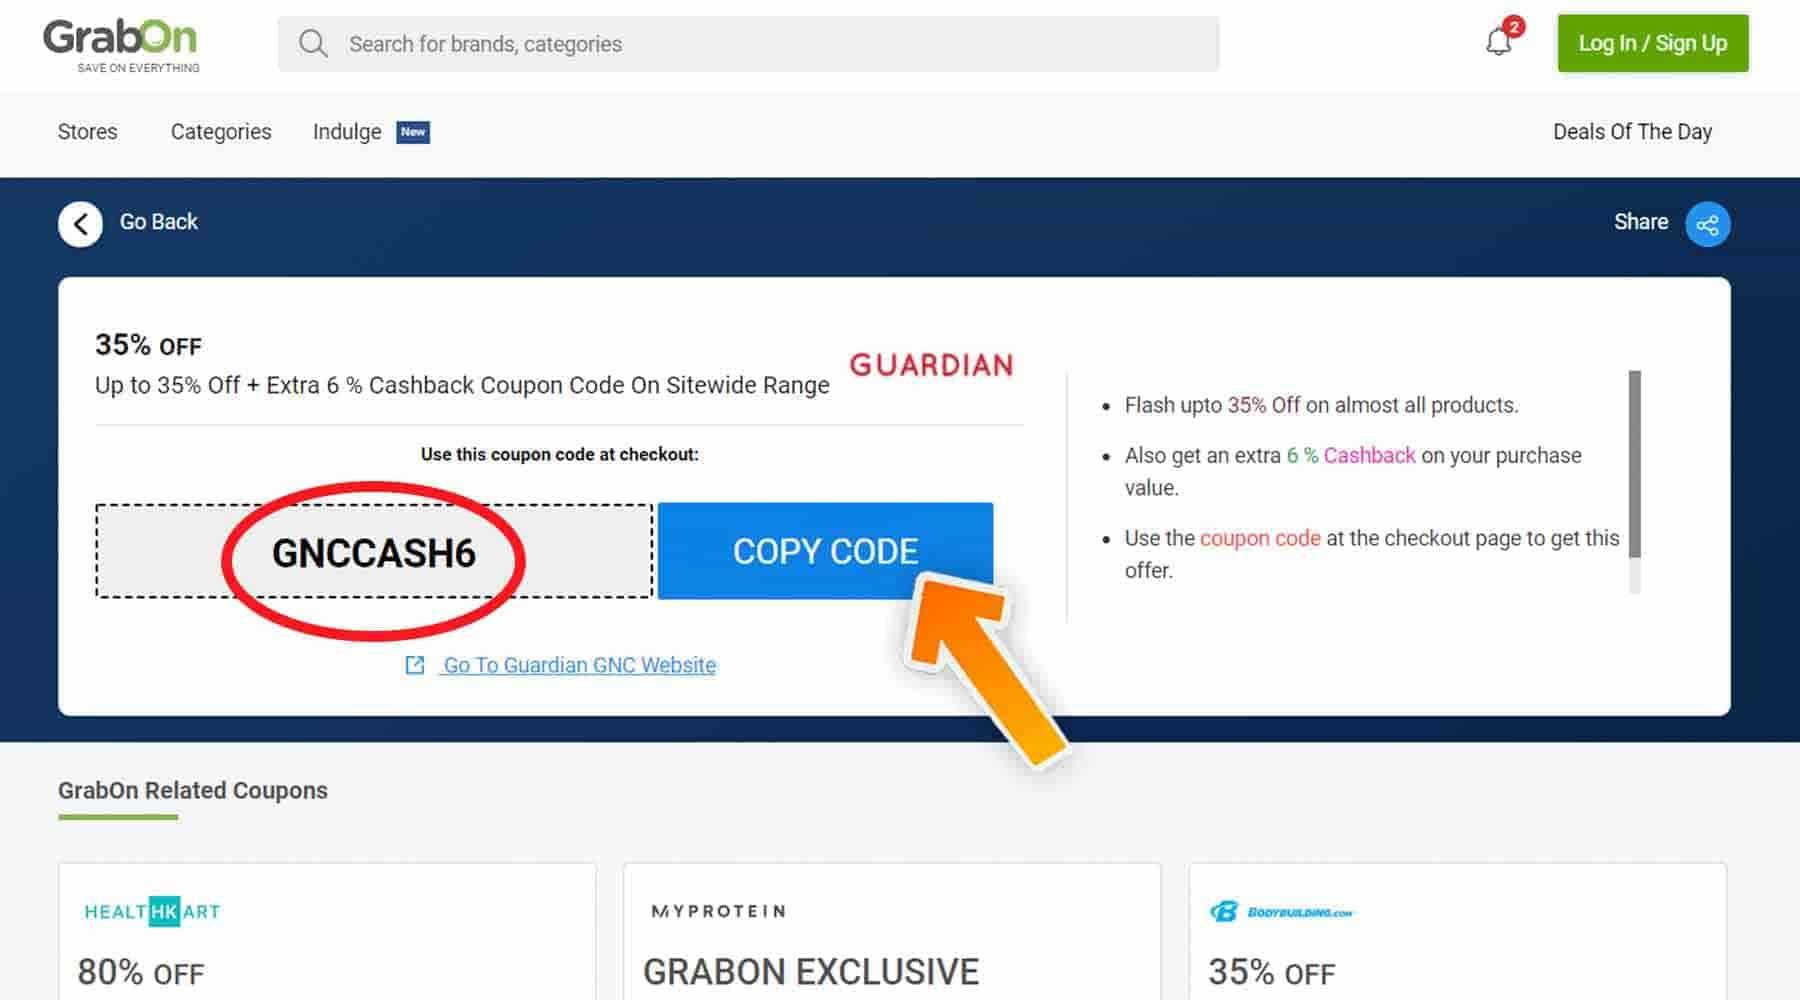 GNC Discount Code